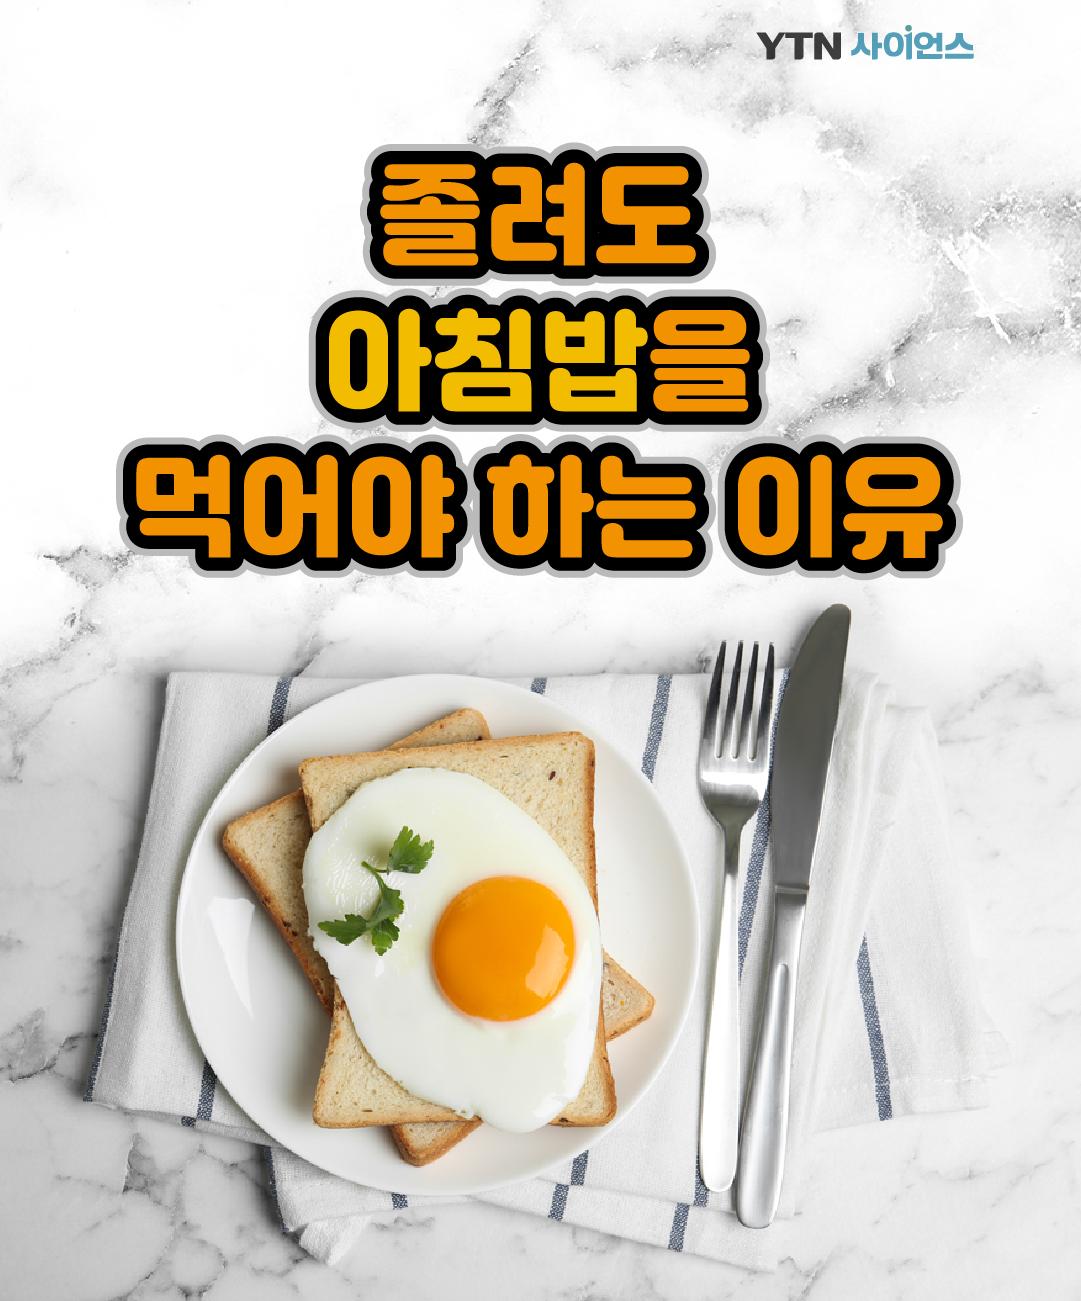 졸려도 아침밥을 먹어야 하는 이유 이미지